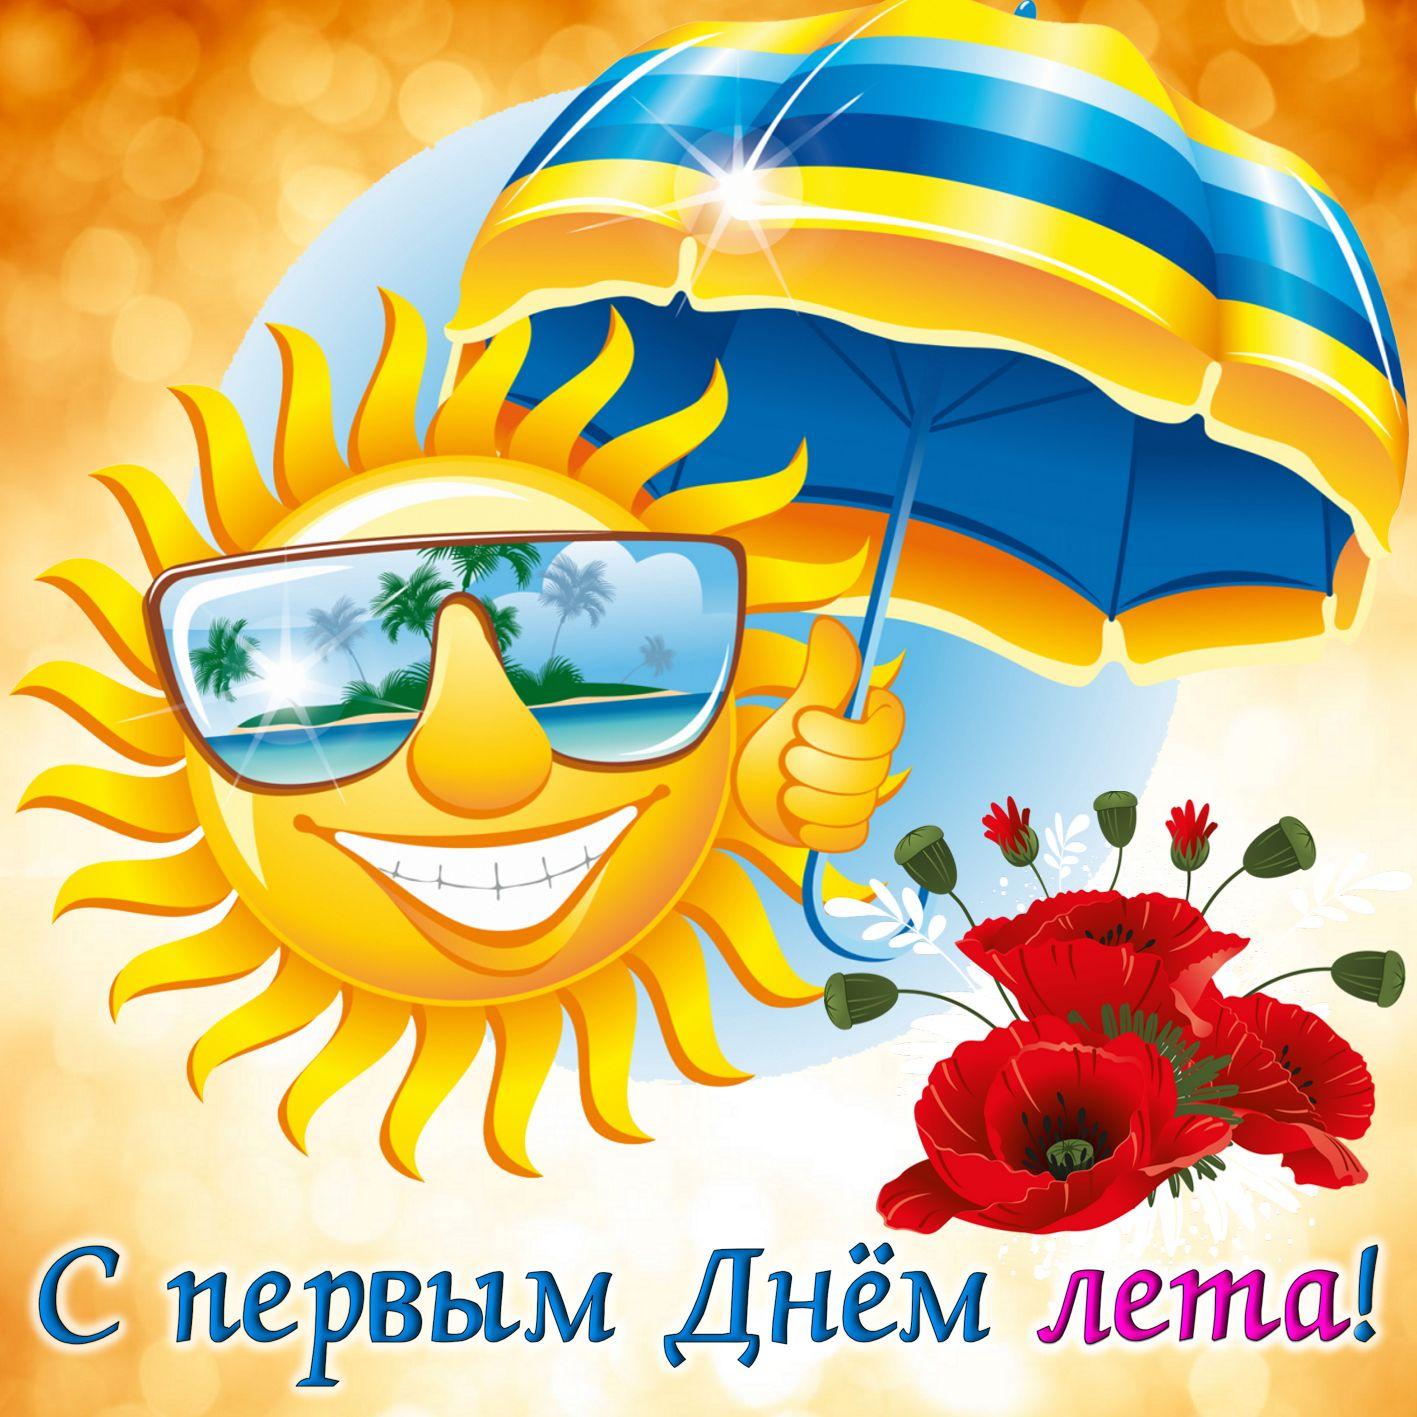 Открытка с первым днём лета - солнышко в очках под ярким зонтиком